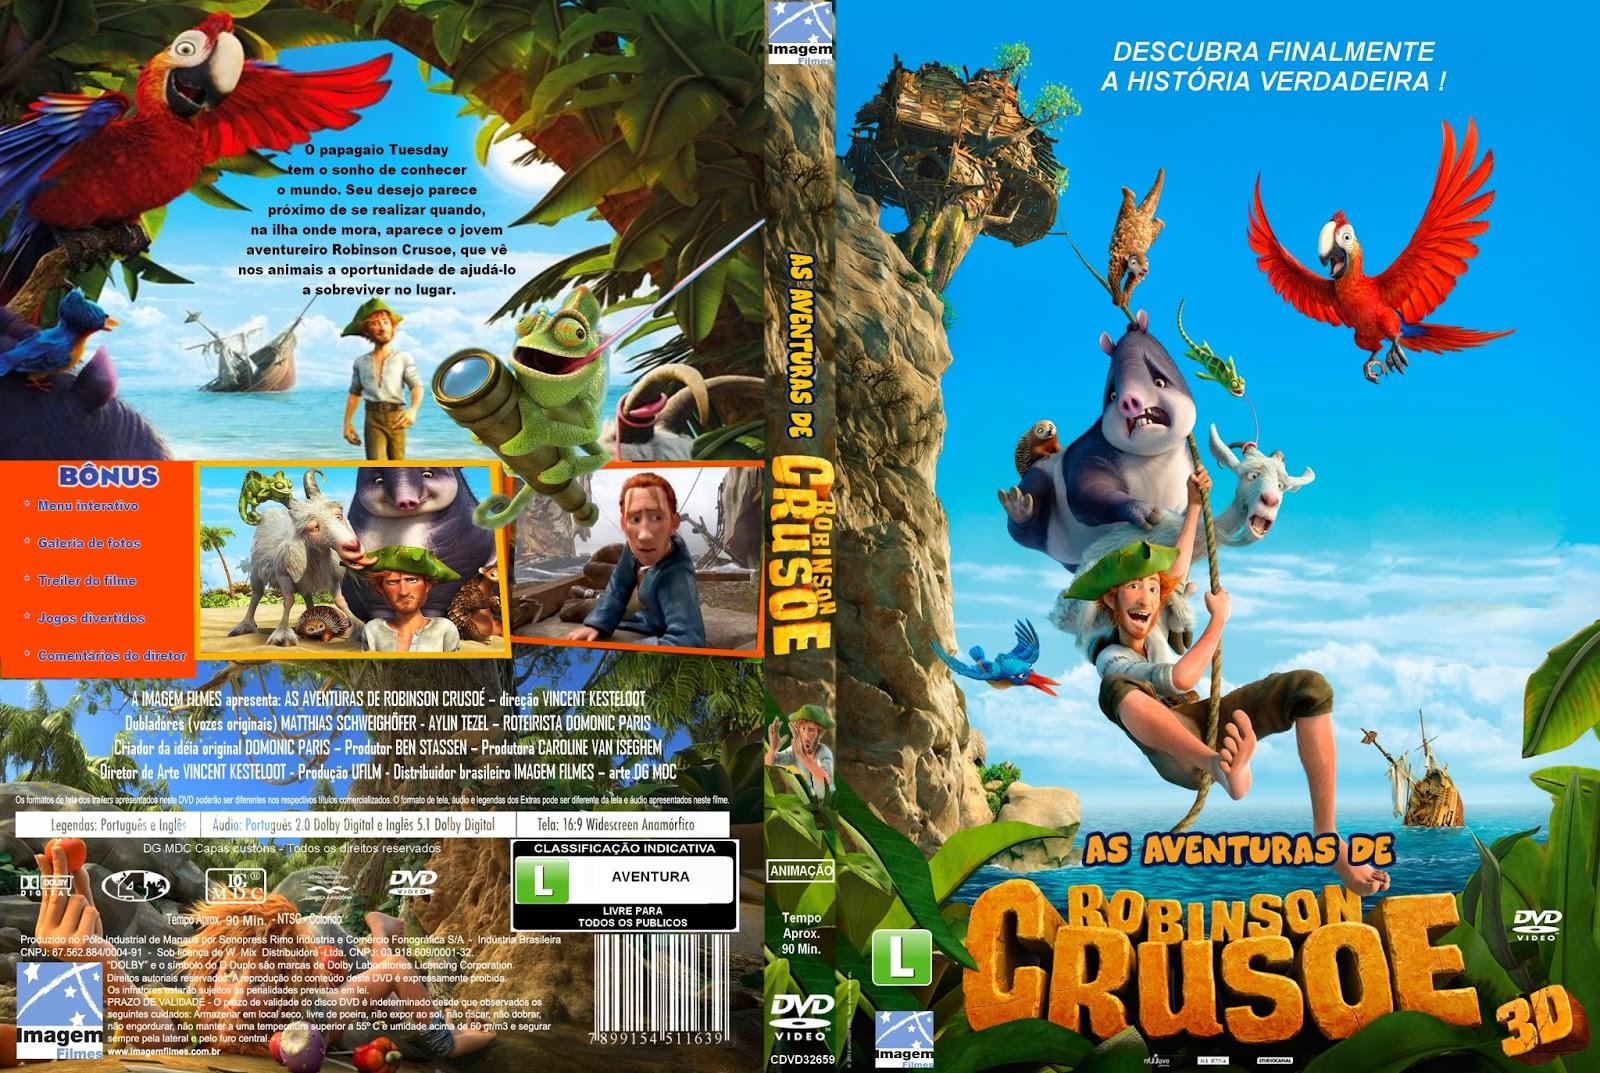 As Aventuras De Robinson Crusoe | Baixaki Capas